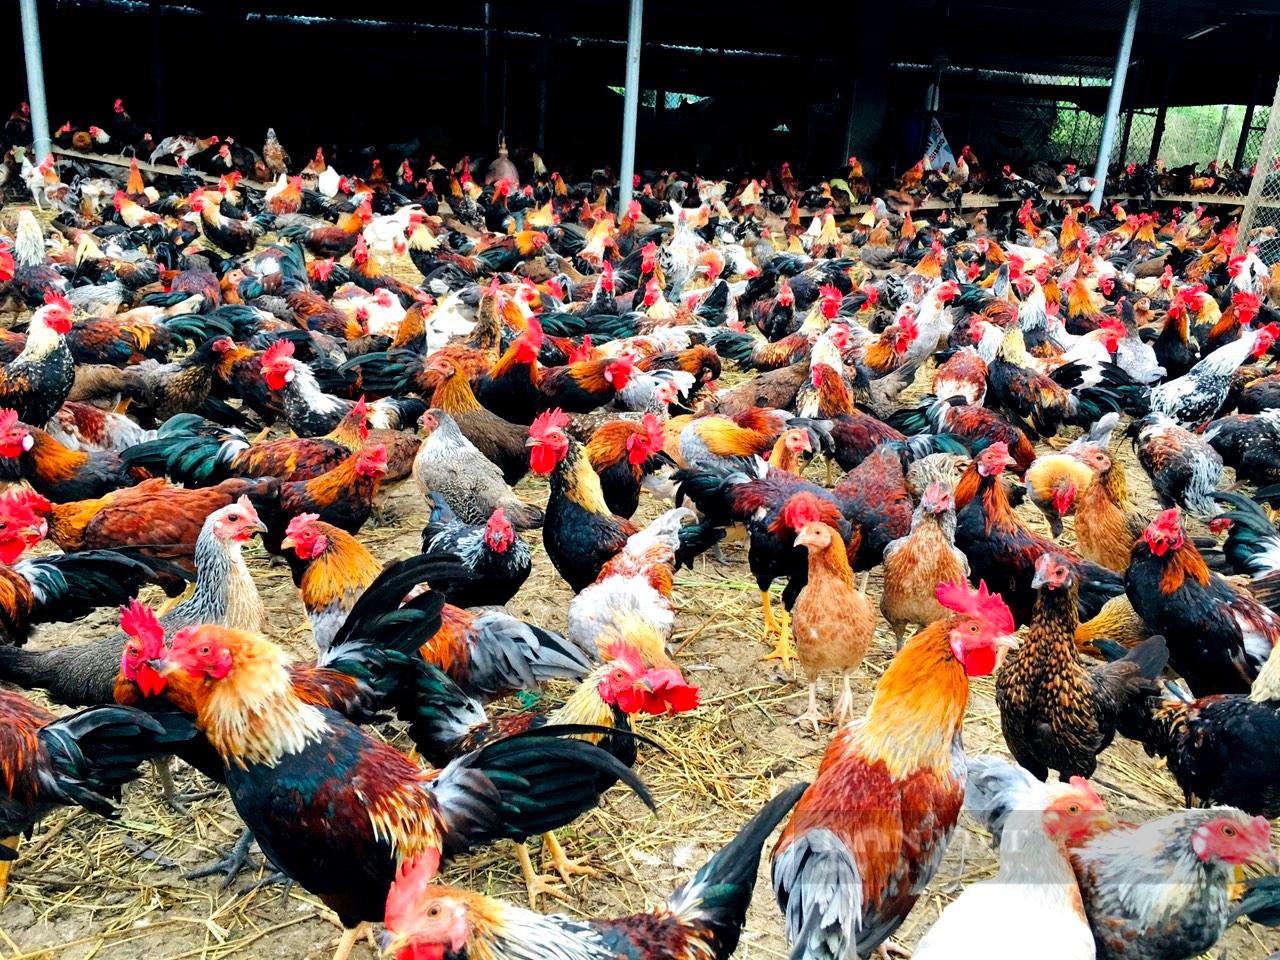 Tiền Giang: Nuôi giống gà hiếu chiến không để chọi mà bán thịt, mỗi năm anh nông dân lời cả tỷ đồng - Ảnh 1.